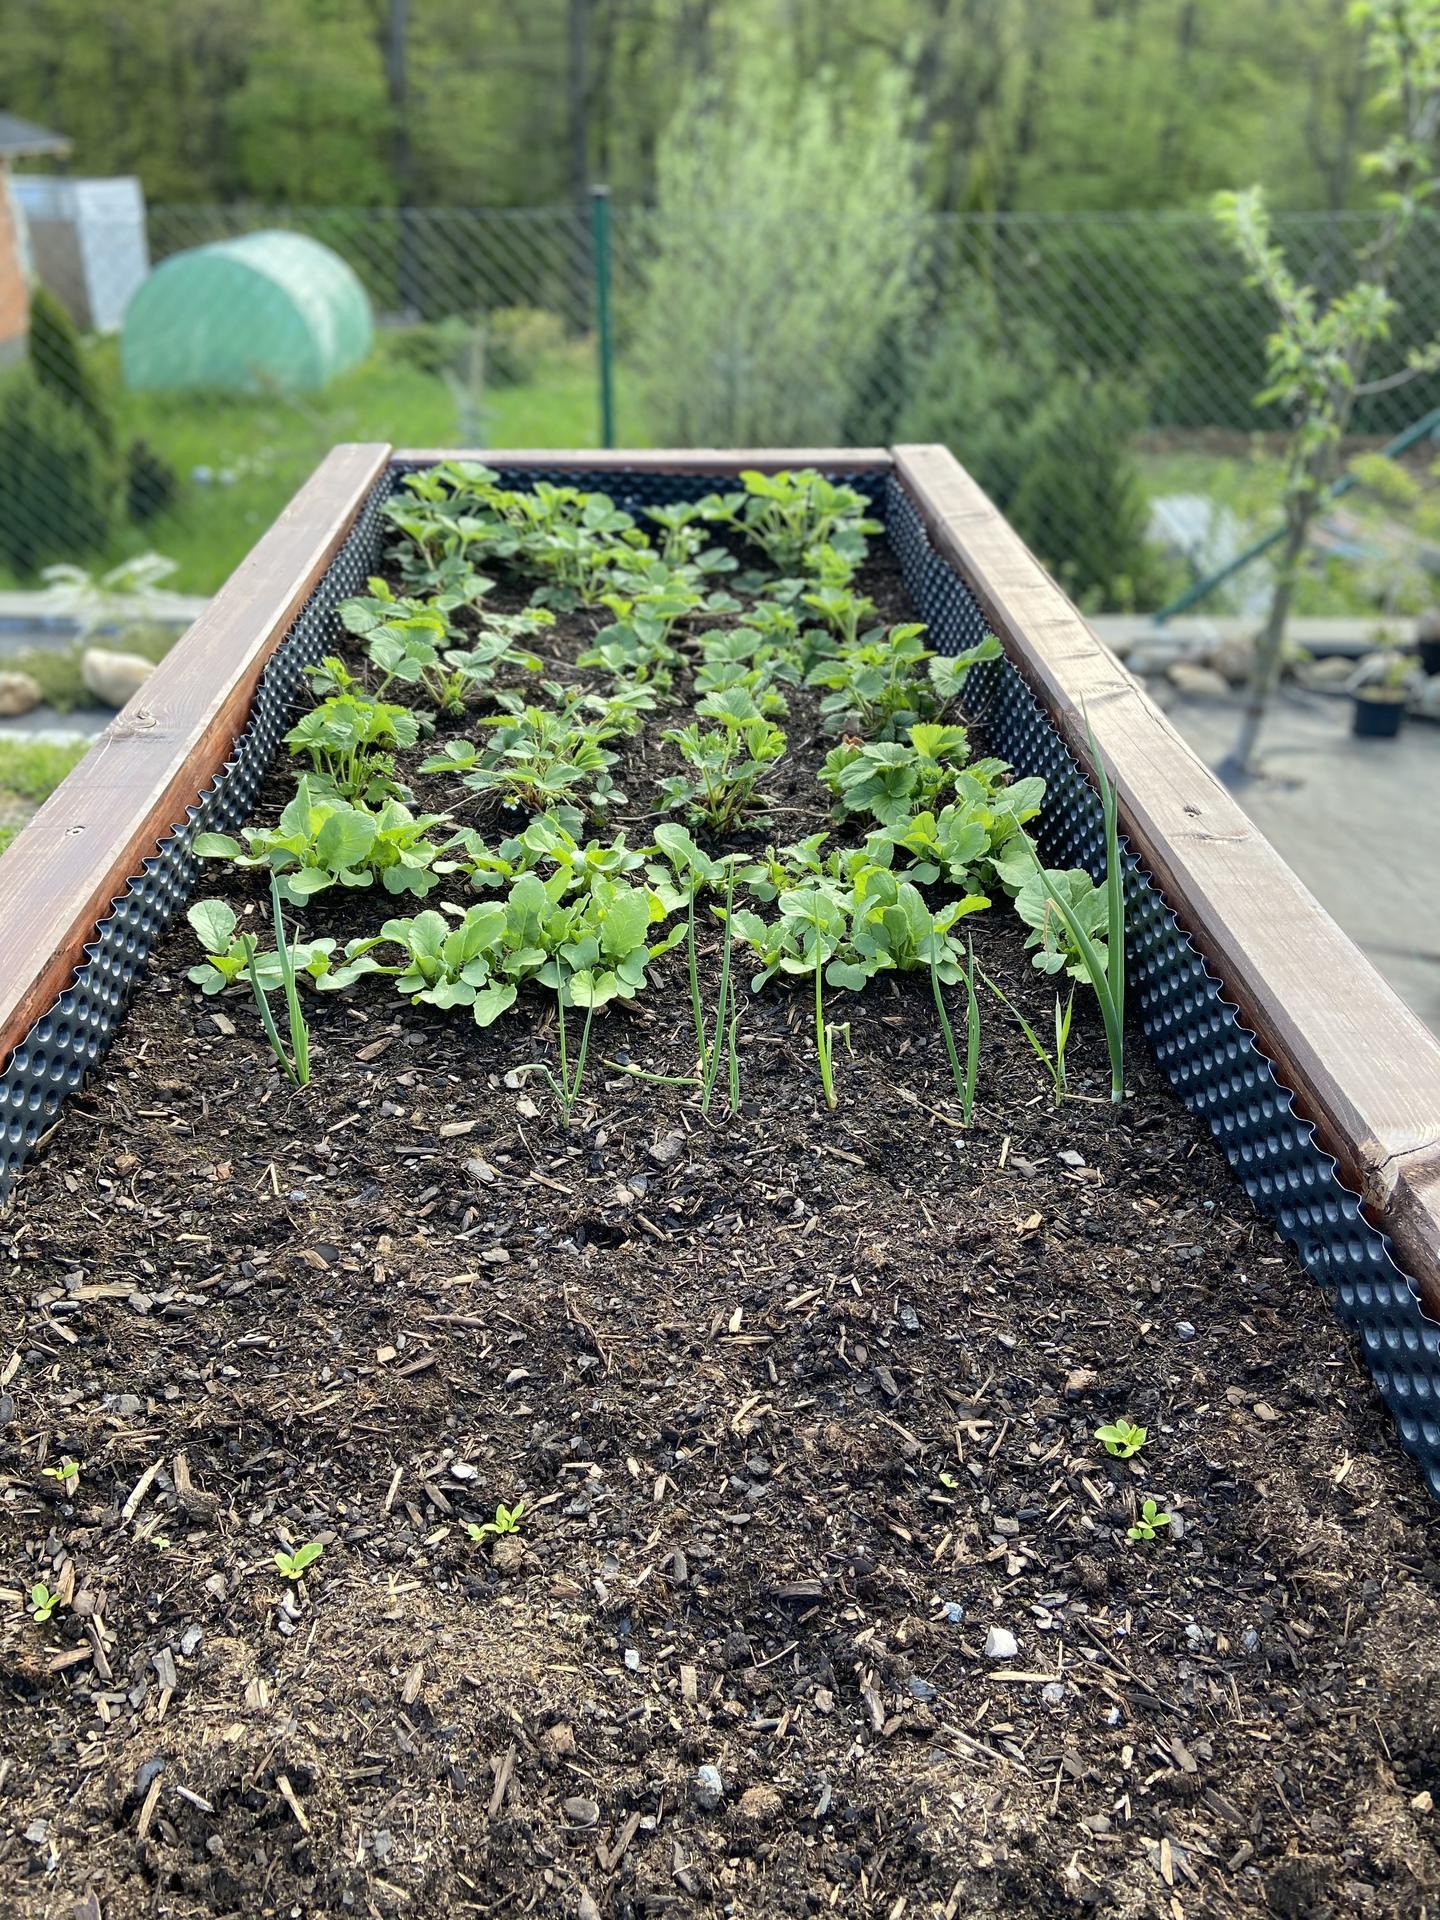 Pergola + zimní zahrada + zahrada - jahody jsem musela zredukovat, ale už pomalu kvetou